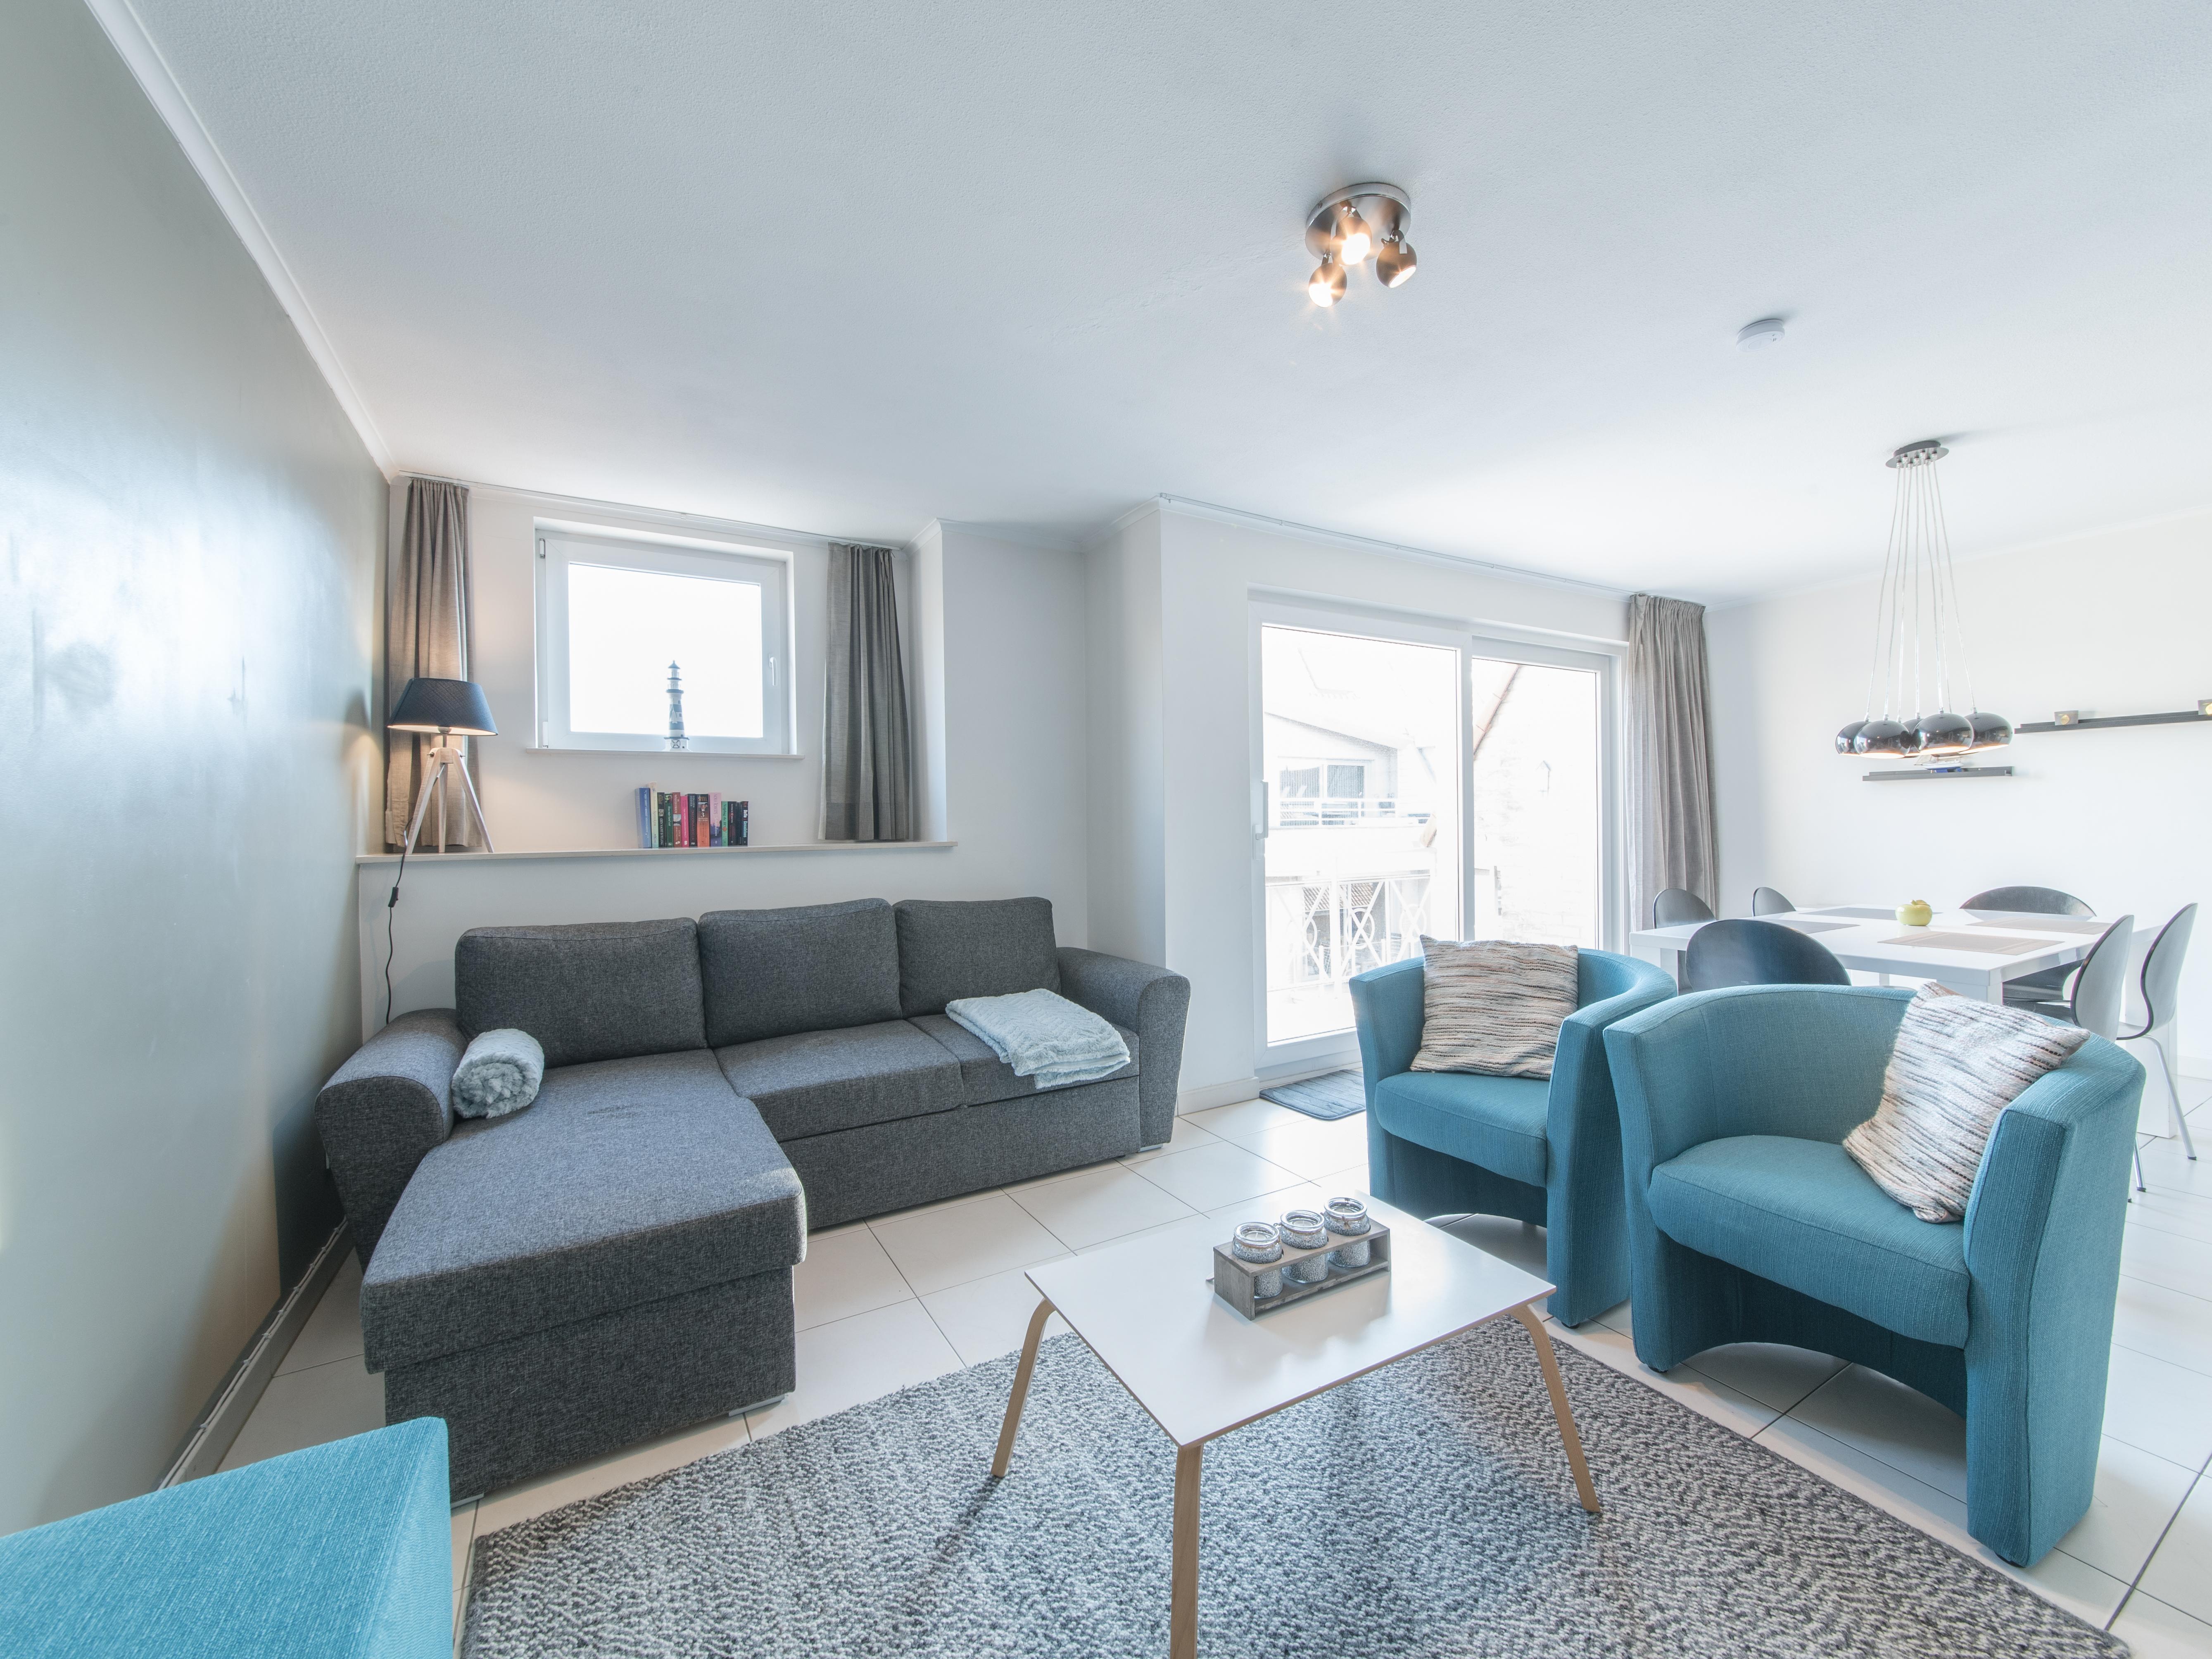 ferienwohnung residentie duinenbries in bredene belgien interhome. Black Bedroom Furniture Sets. Home Design Ideas